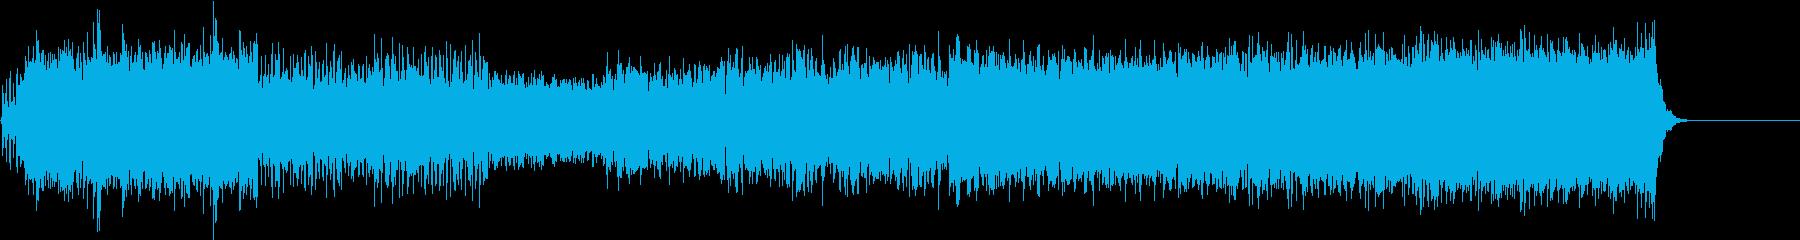 ストリングスが印象的なクラシック音楽の再生済みの波形